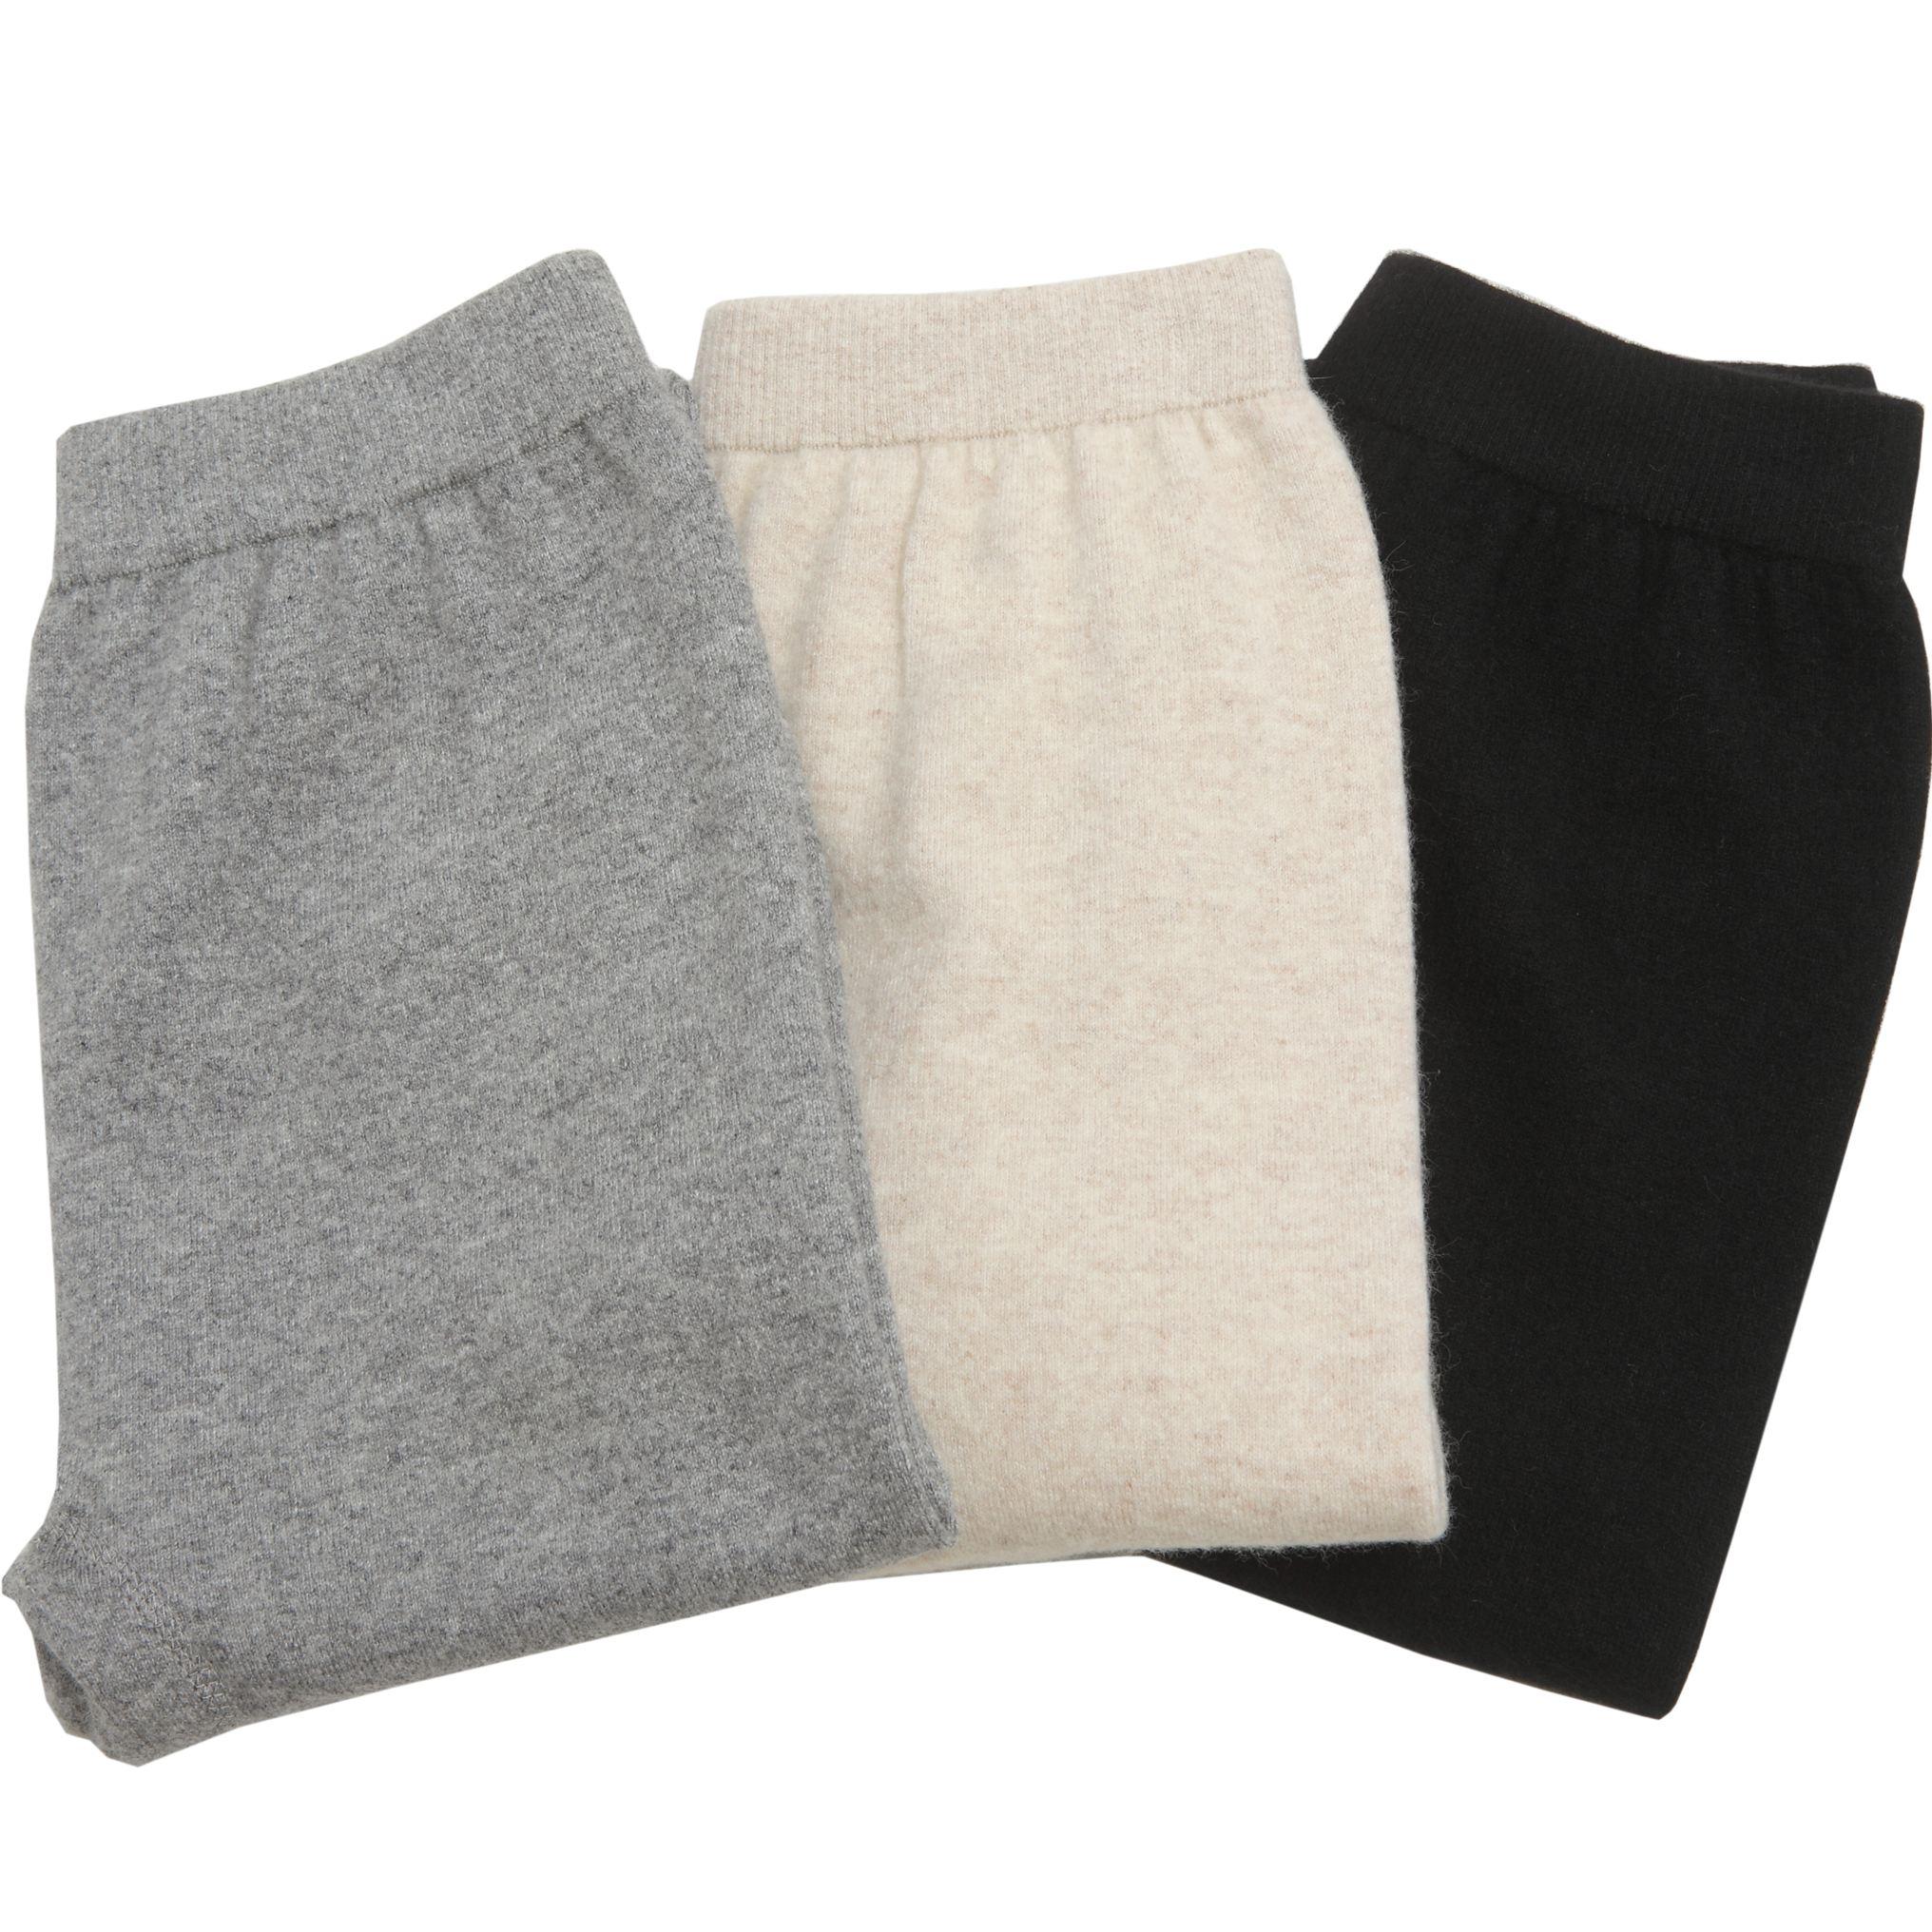 保暖裤处理 保暖裤收购 杭州高价收购库存保暖裤